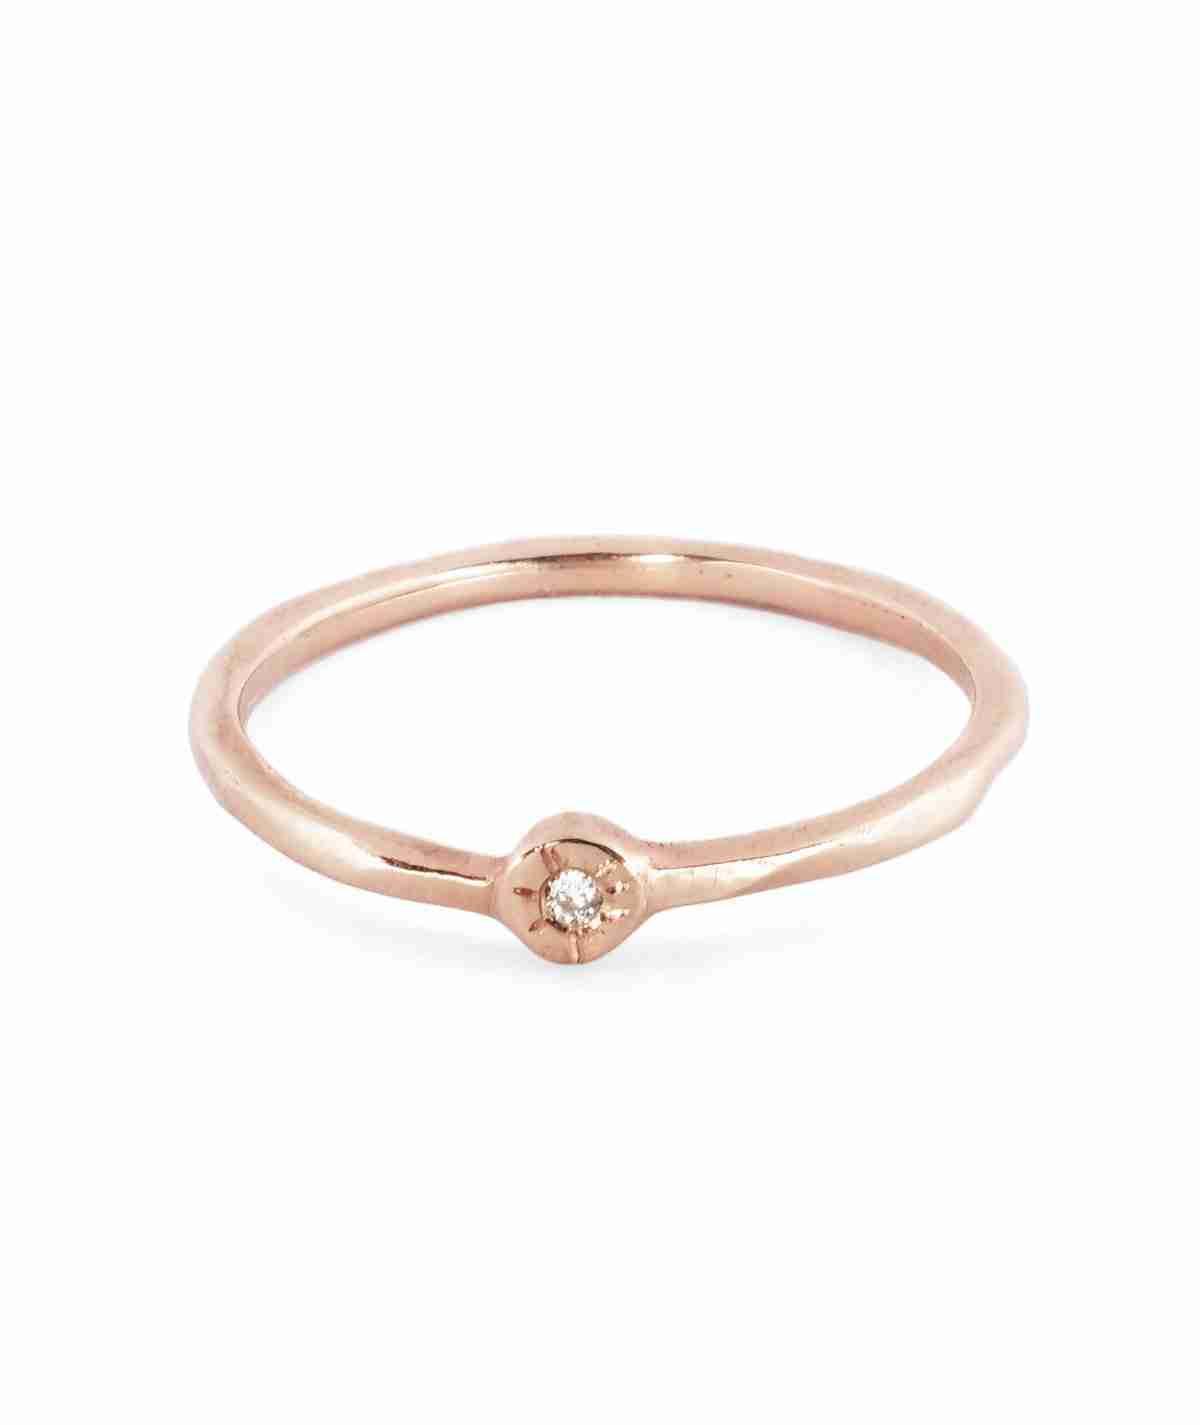 gemstone stacking ring